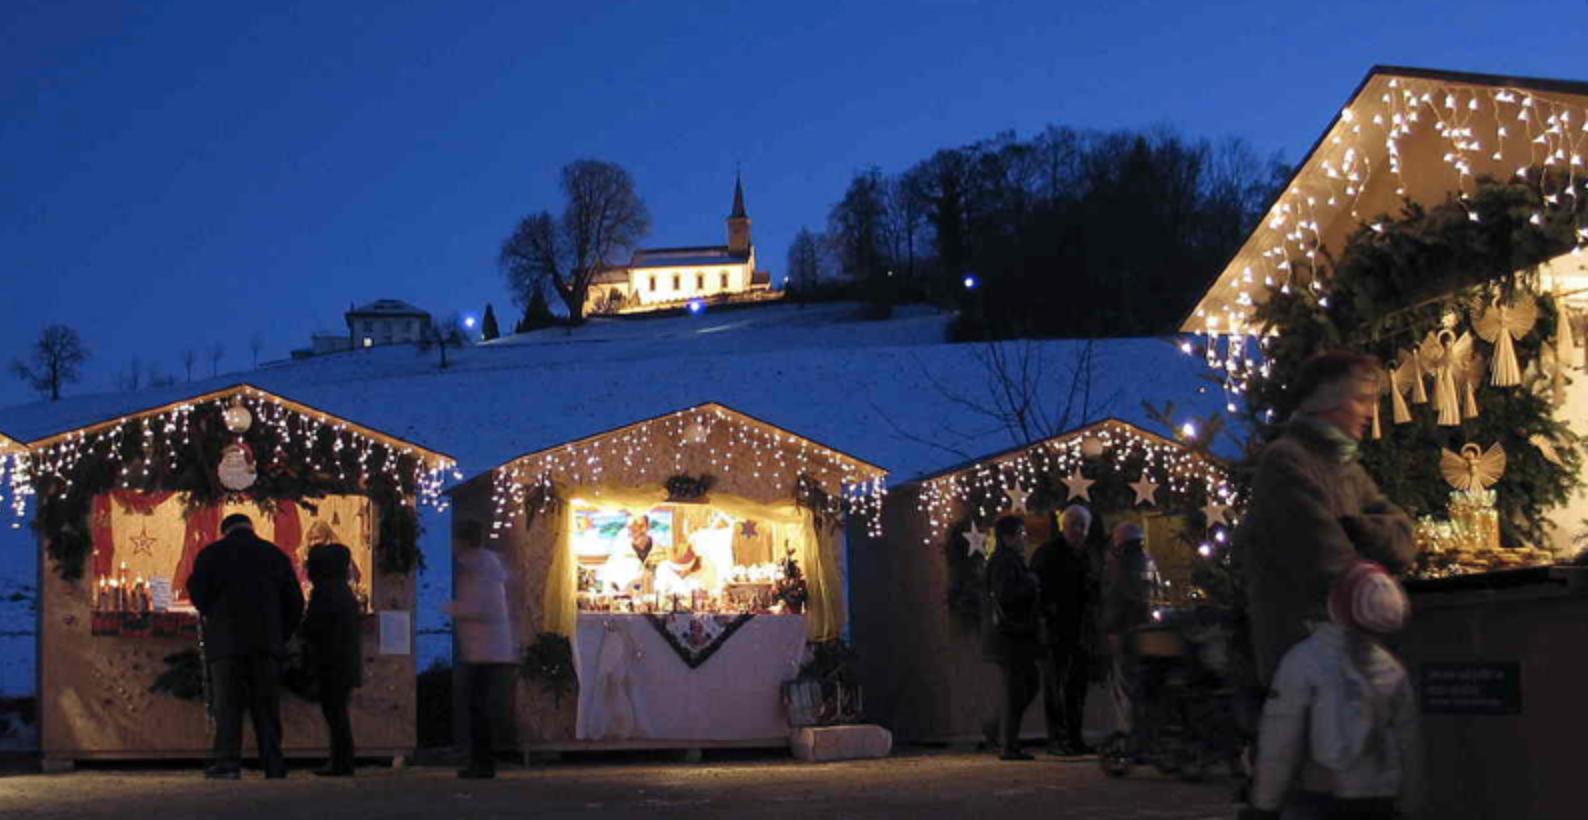 St-Silvester_Weihnachtsmarkt